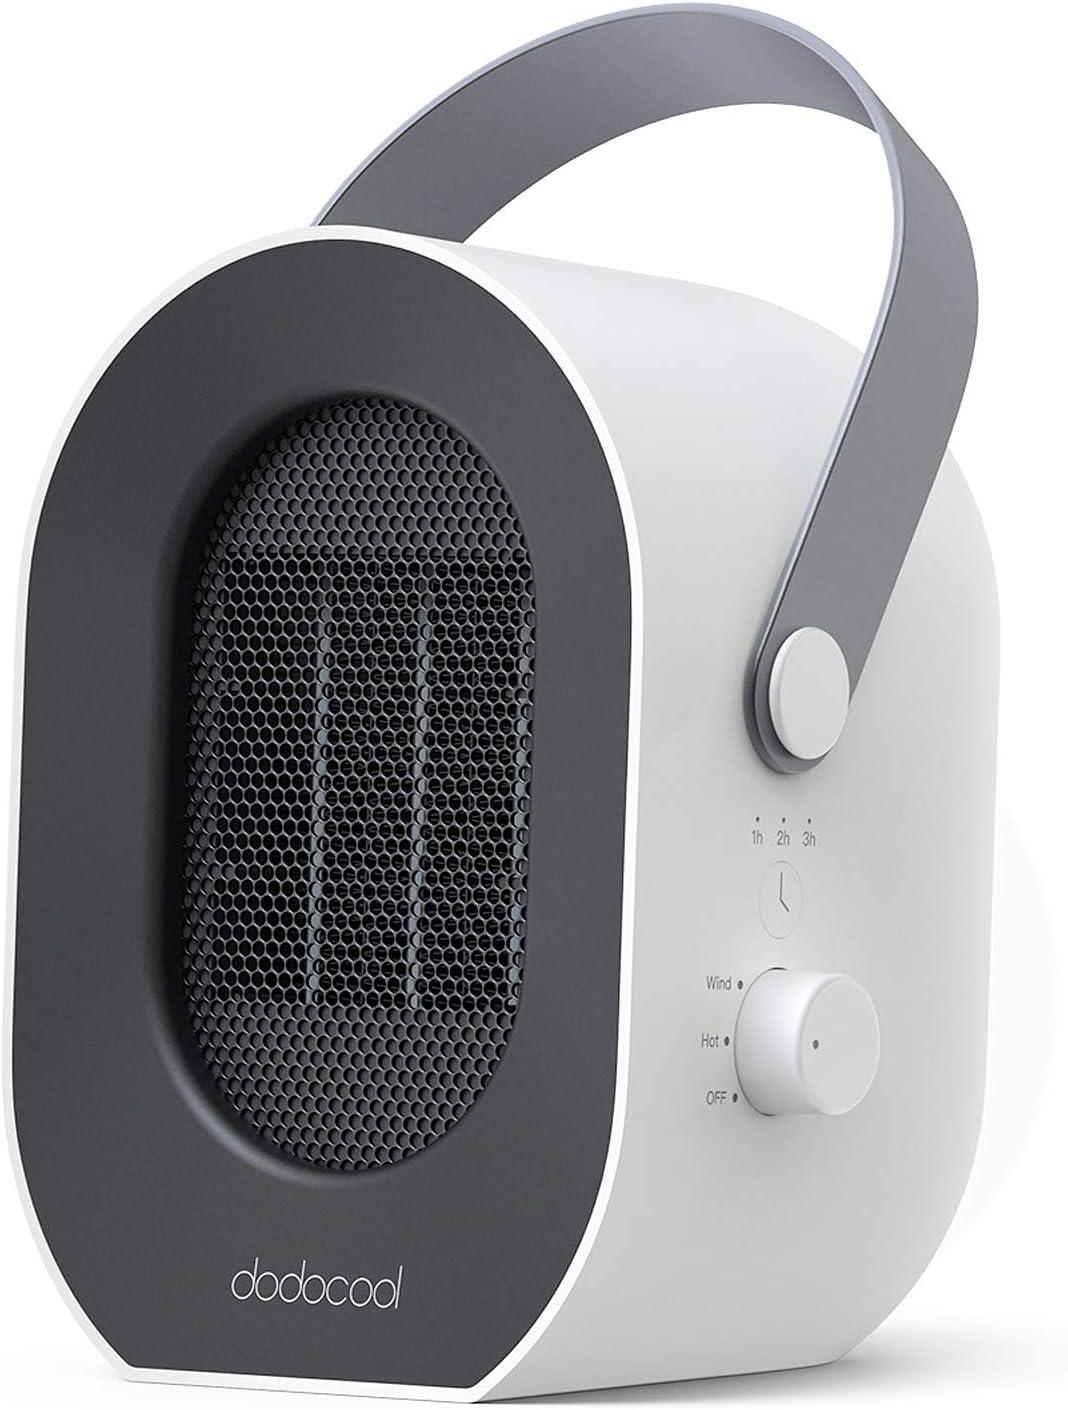 dodocool Calefactor Eléctrico, Mini Calefactor Baño, 3 Segundos Calentamiento Rápido, 1/2/3/6 Horas Tiempo Preestablecido, Cuerda Portátil, Apagado Automático, Calentador Habitación, Calefacción